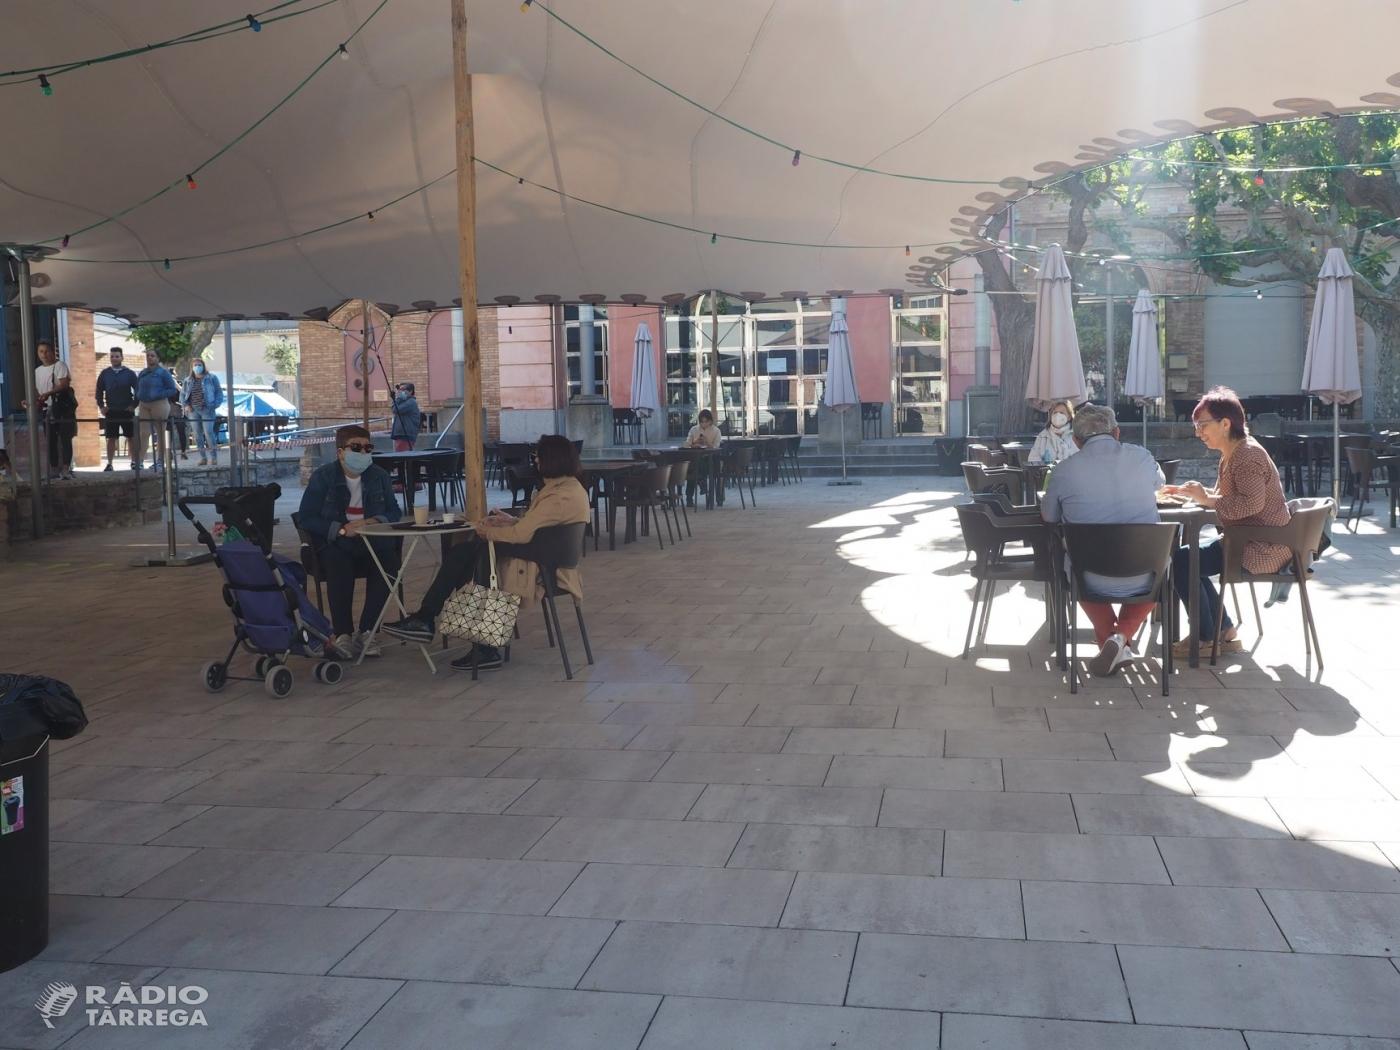 Bars i restaurants de Tàrrega obren les seves terrasses respectant les mesures de prevenció i seguretat